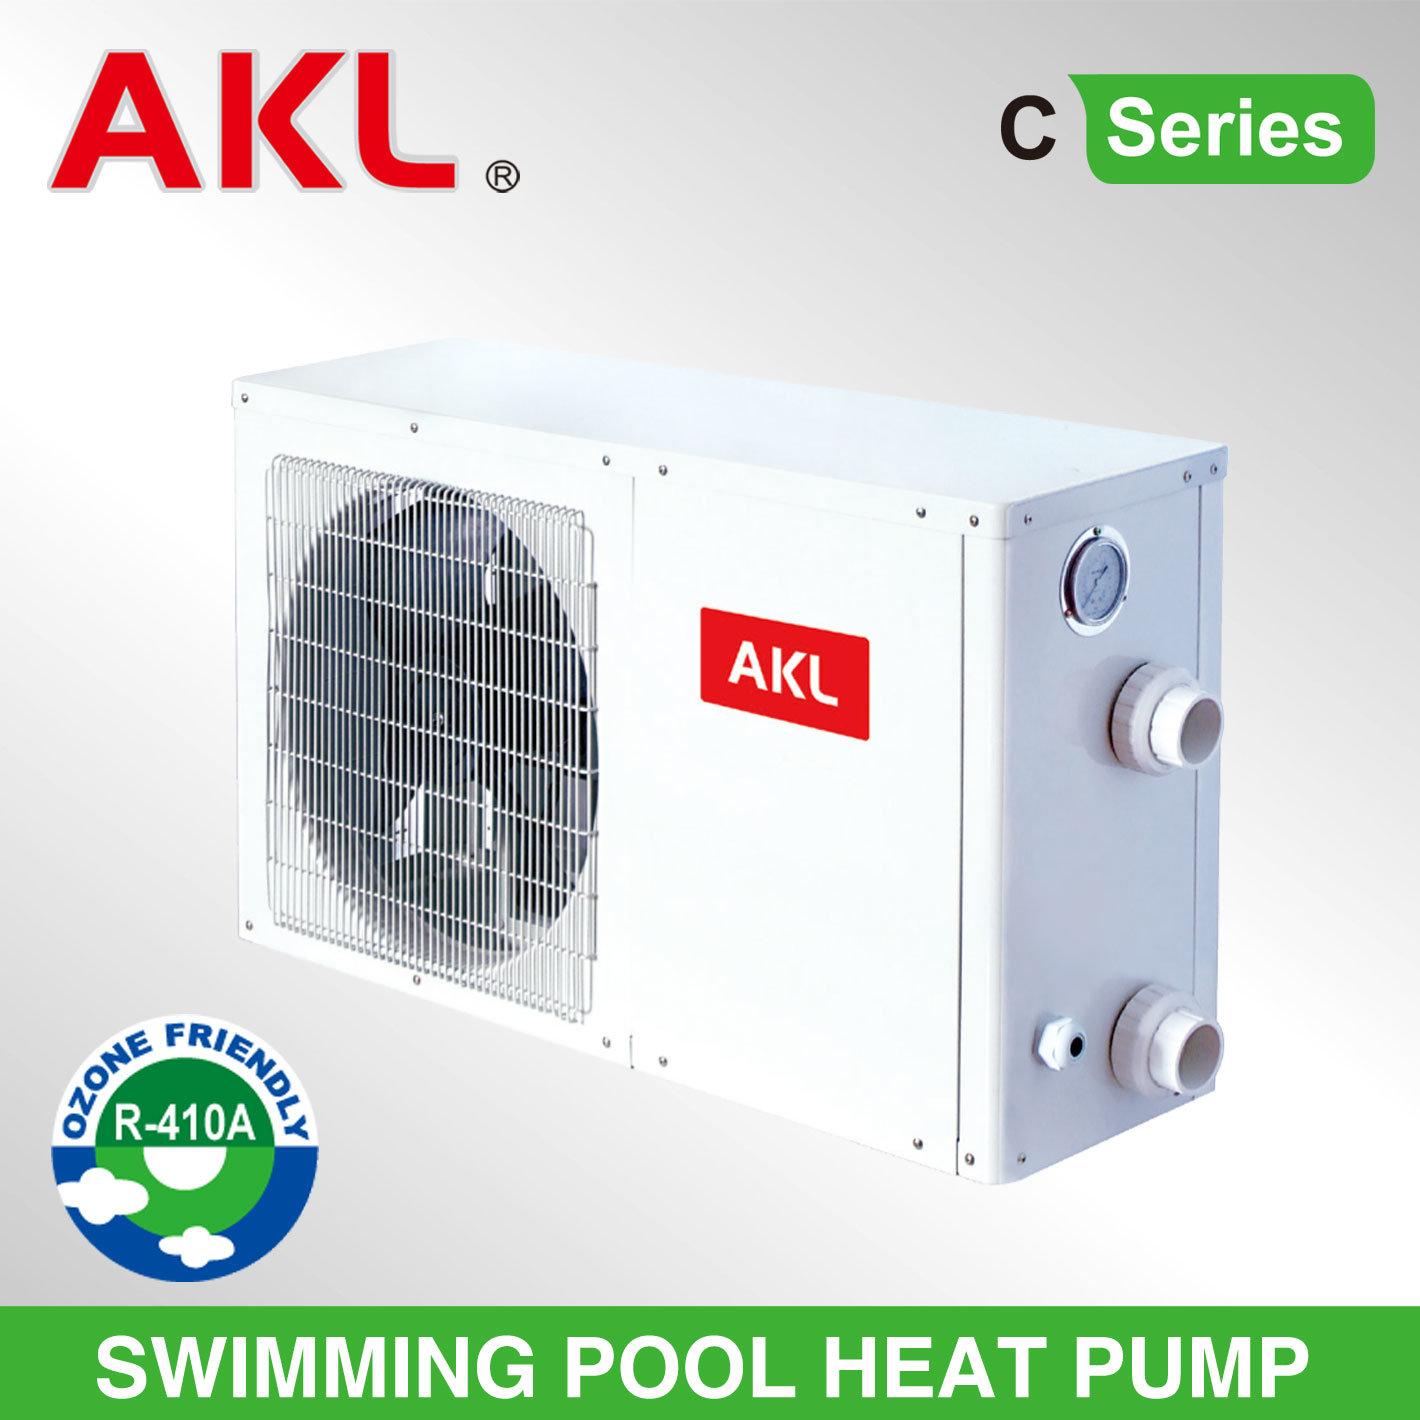 Best Selling Air Source Swim Pool Heat Pump